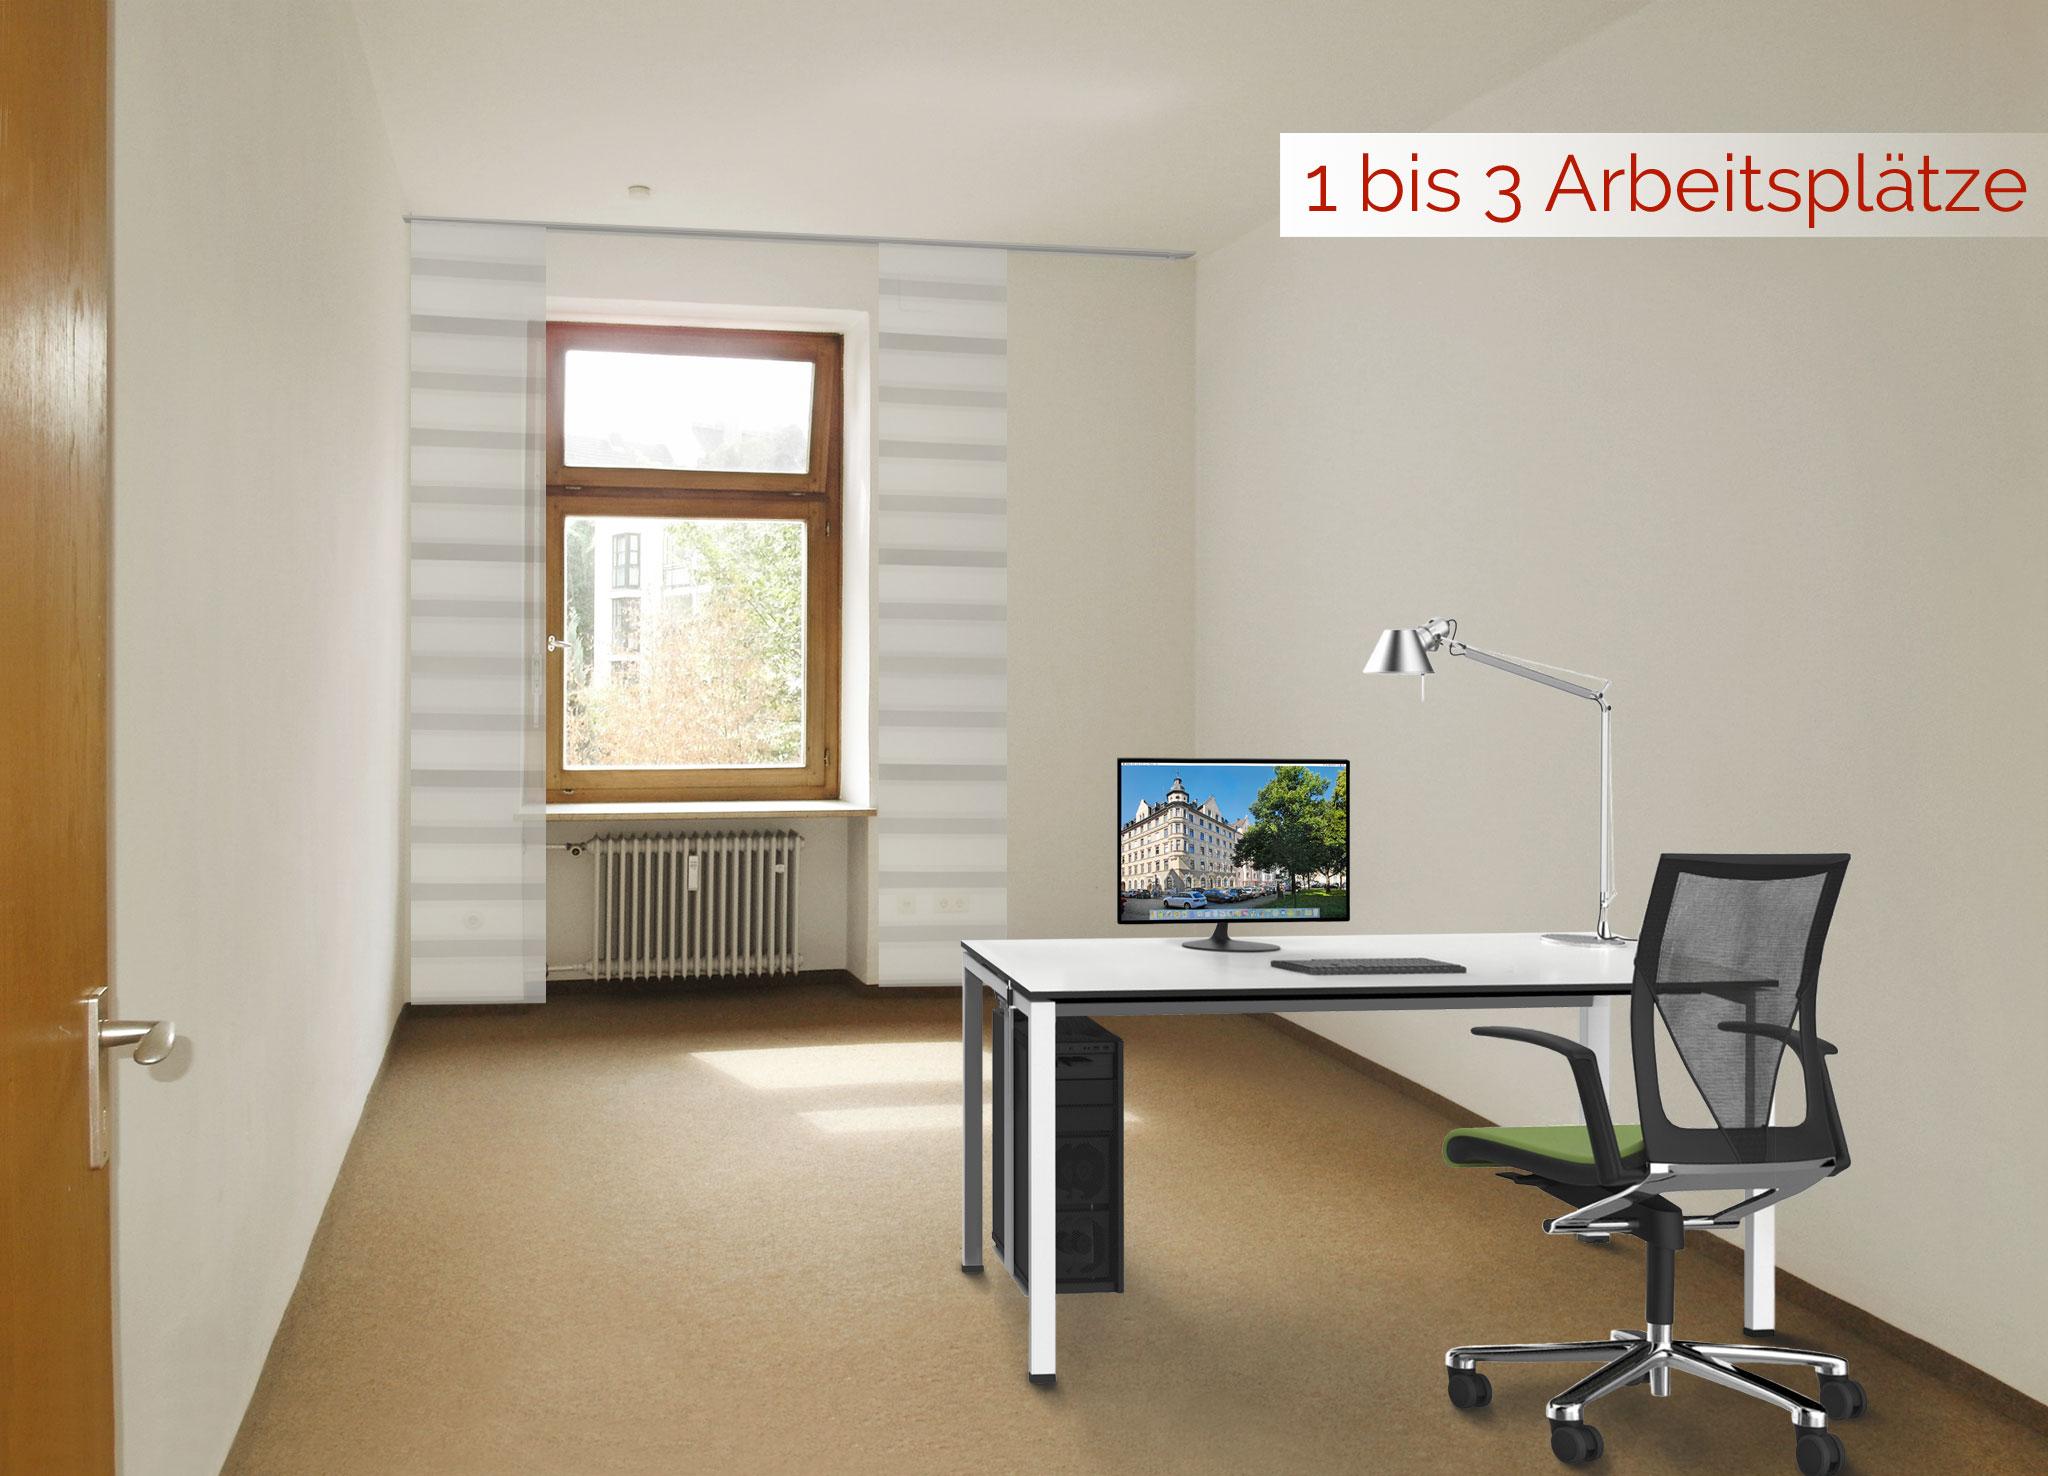 Raum 6 für 1 bis 3 Arbeitsplätze